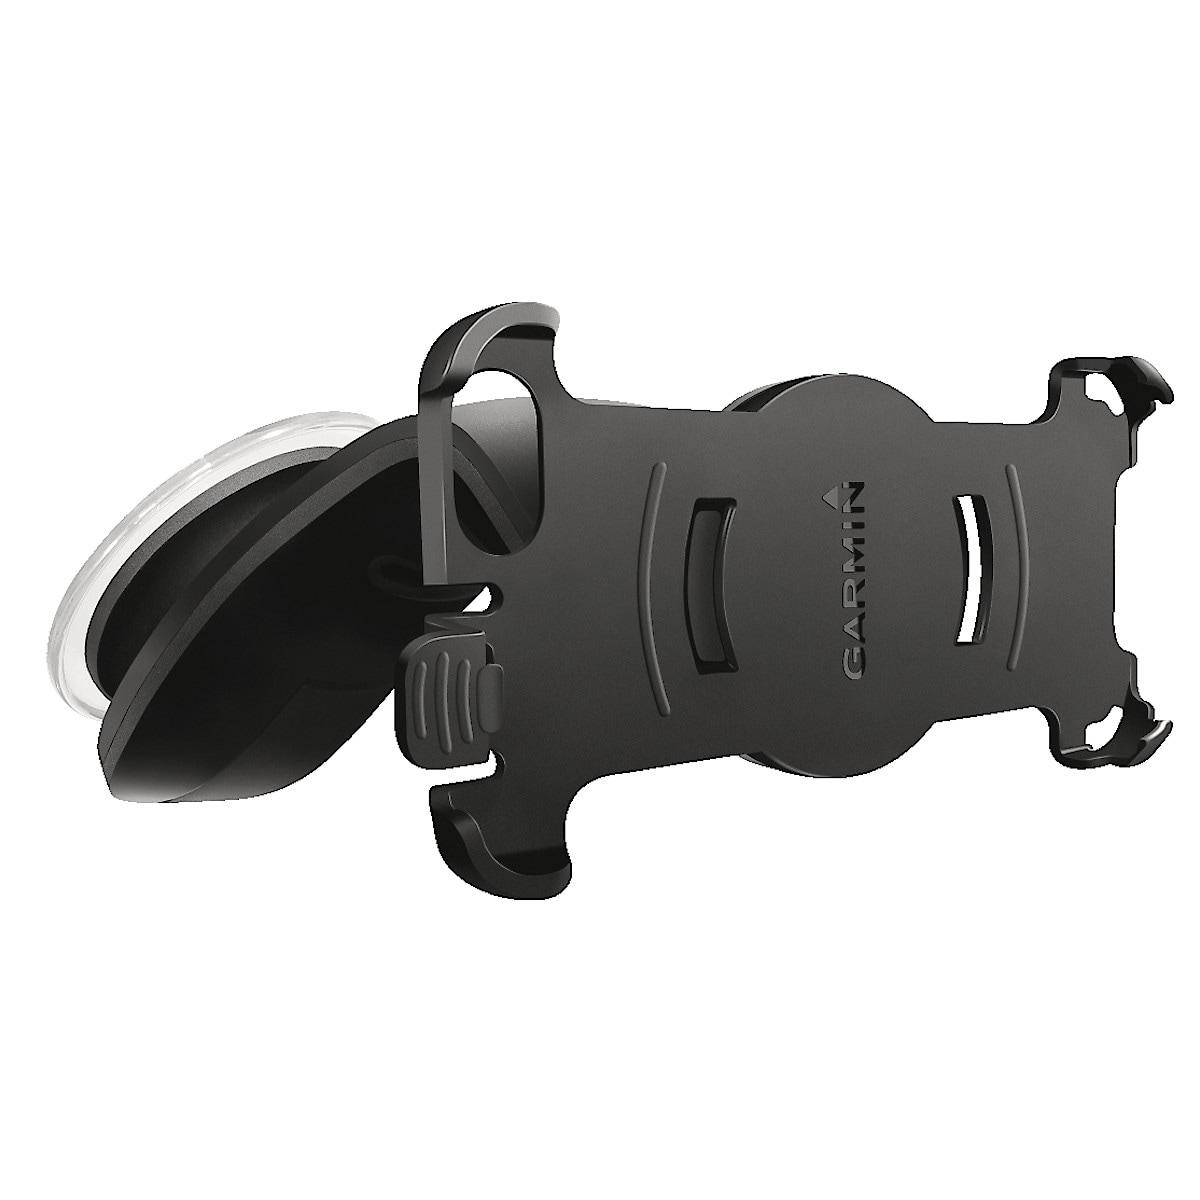 Mobiltelefonhållare och laddare för iPhone 5/5S, Garmin